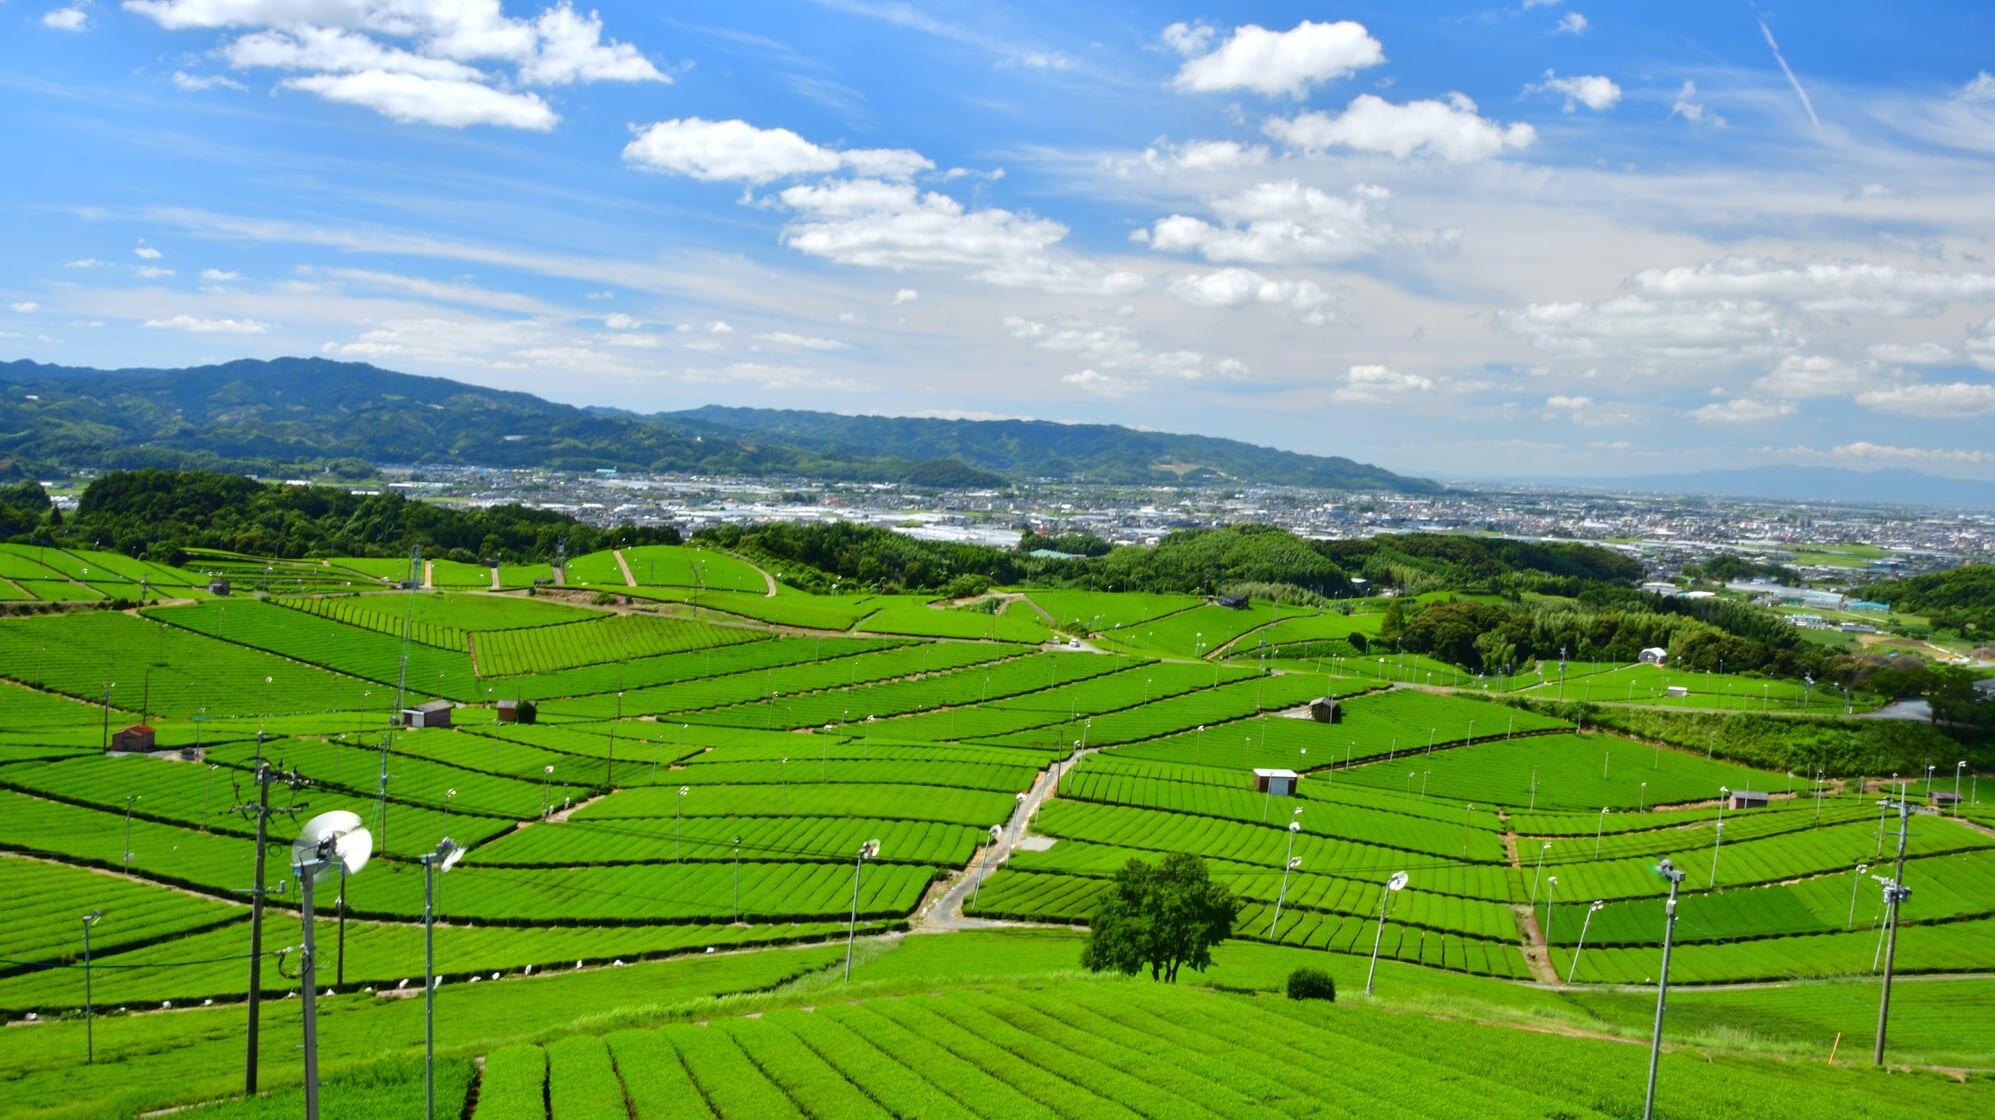 福岡県八女市のホテル事情|検討するなら福岡県第三の都市・久留米も視野に